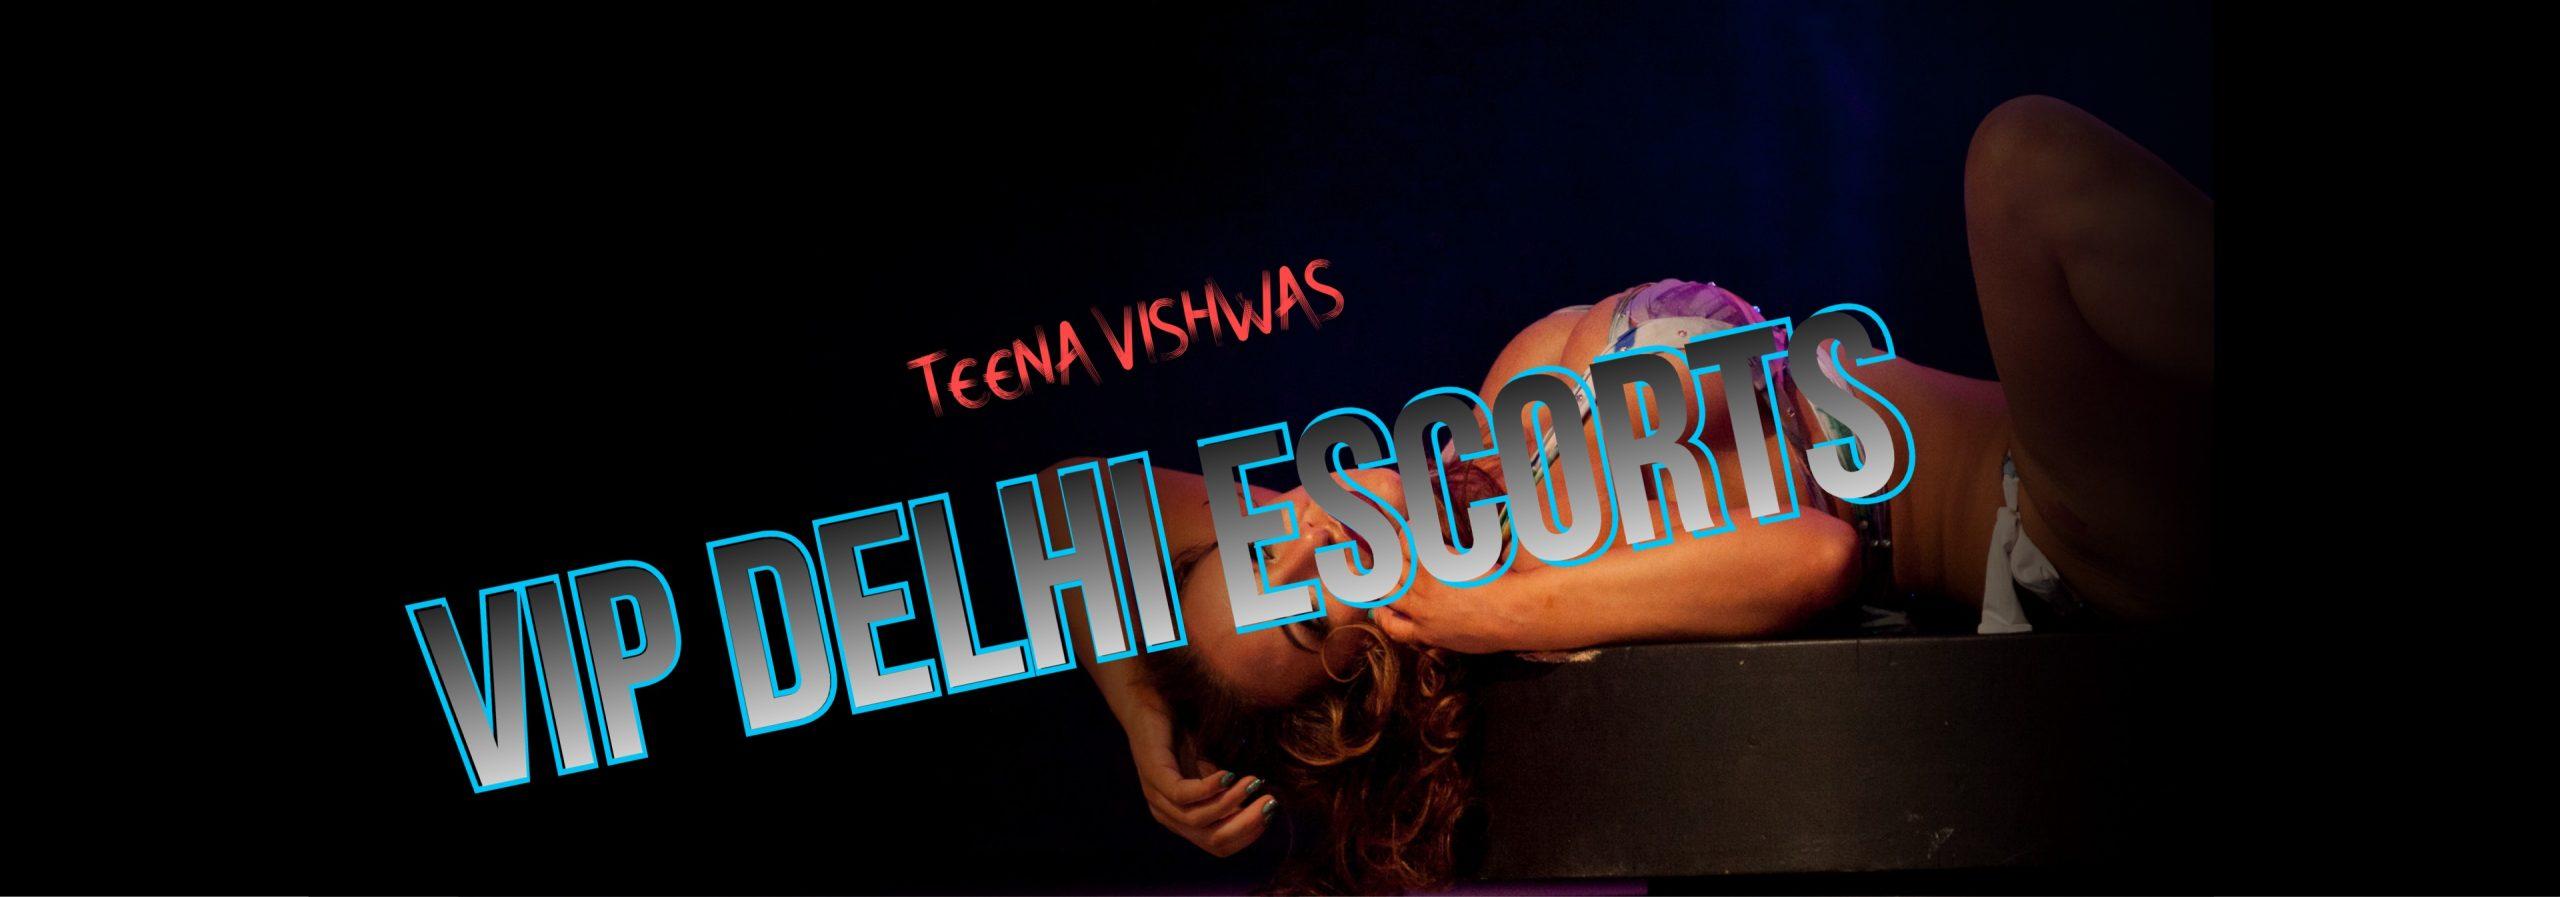 vip-delhi-escorts